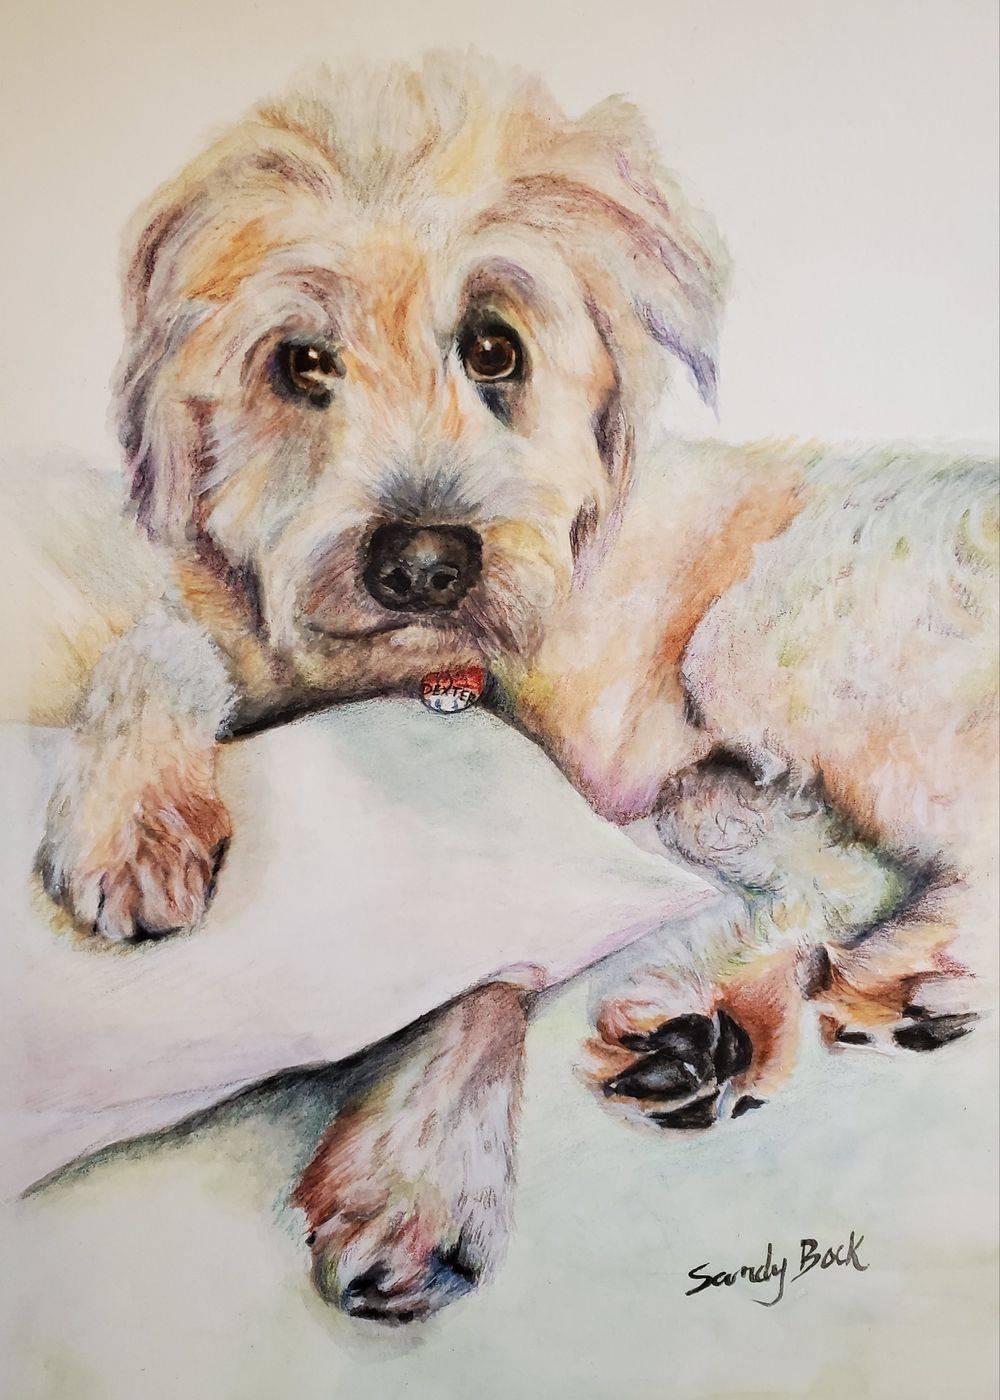 sandy bock, pet portrait, portrait artist, custom portrait painting, portrait illustration, dog portrait, portrait art